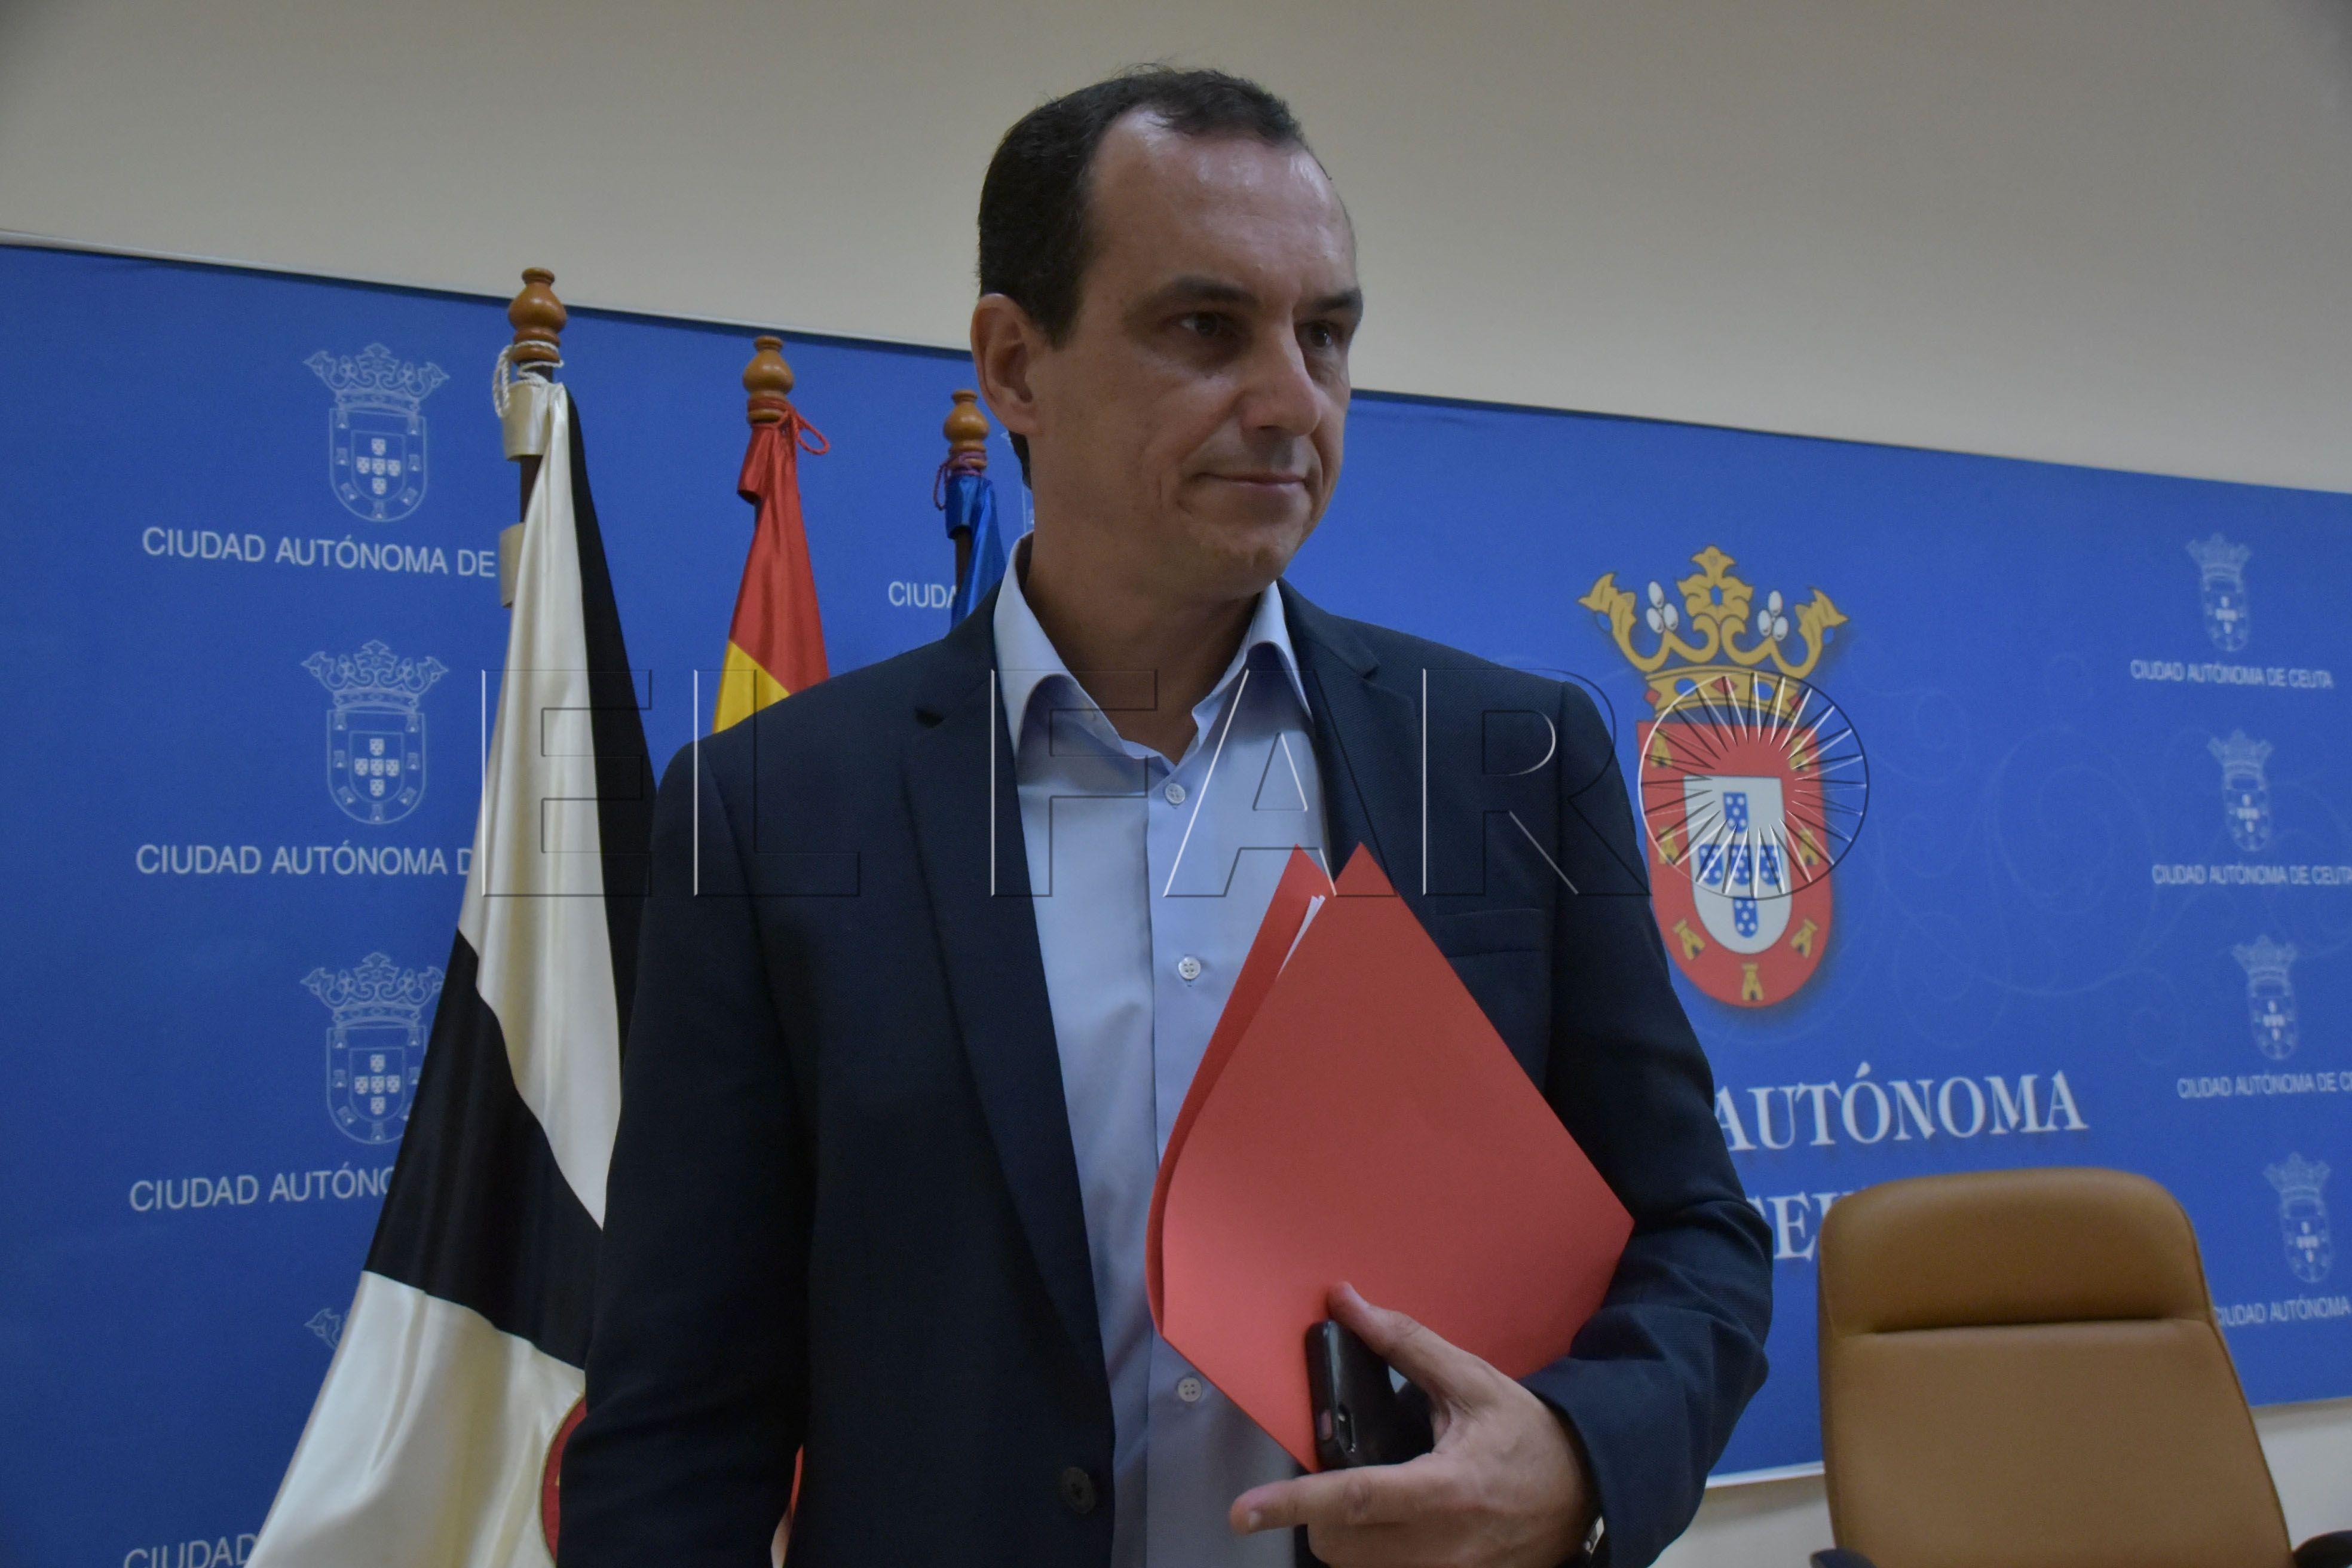 El PSOE, pendiente de la Comisión de Ética y Garantías Federal para resolver el caso de las precandidaturas